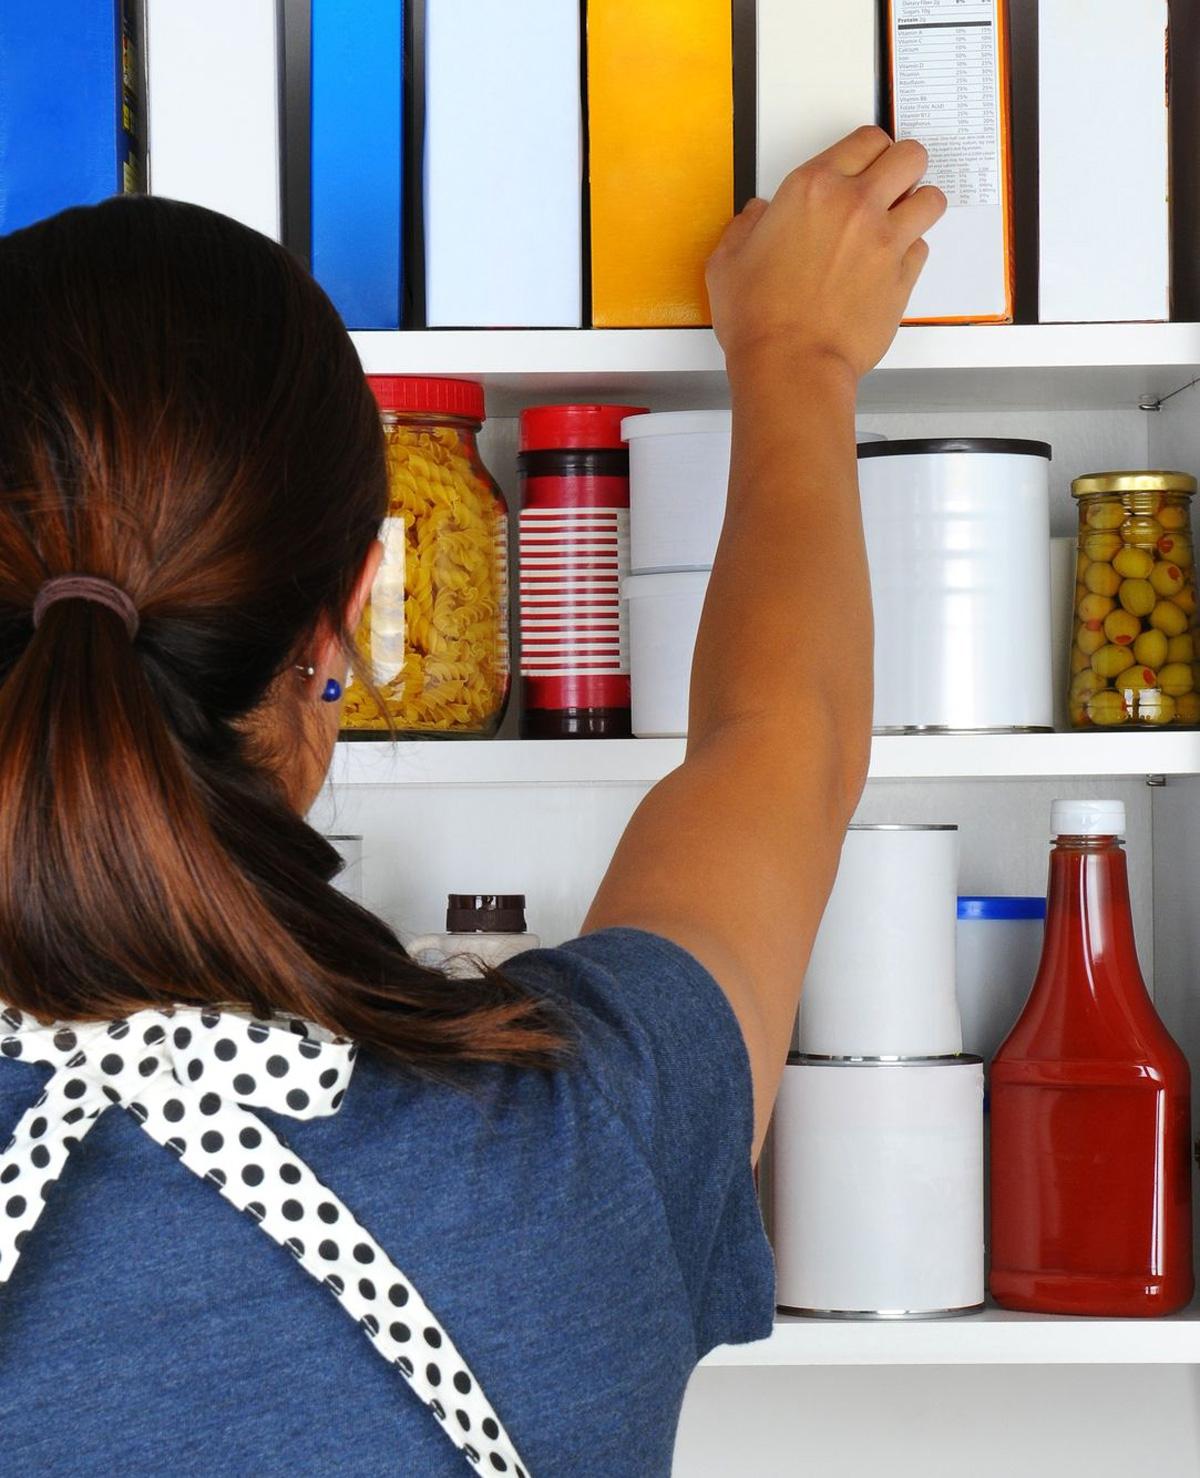 Dieuwke blogt week 2: de keuken en voorraadkast opruimen